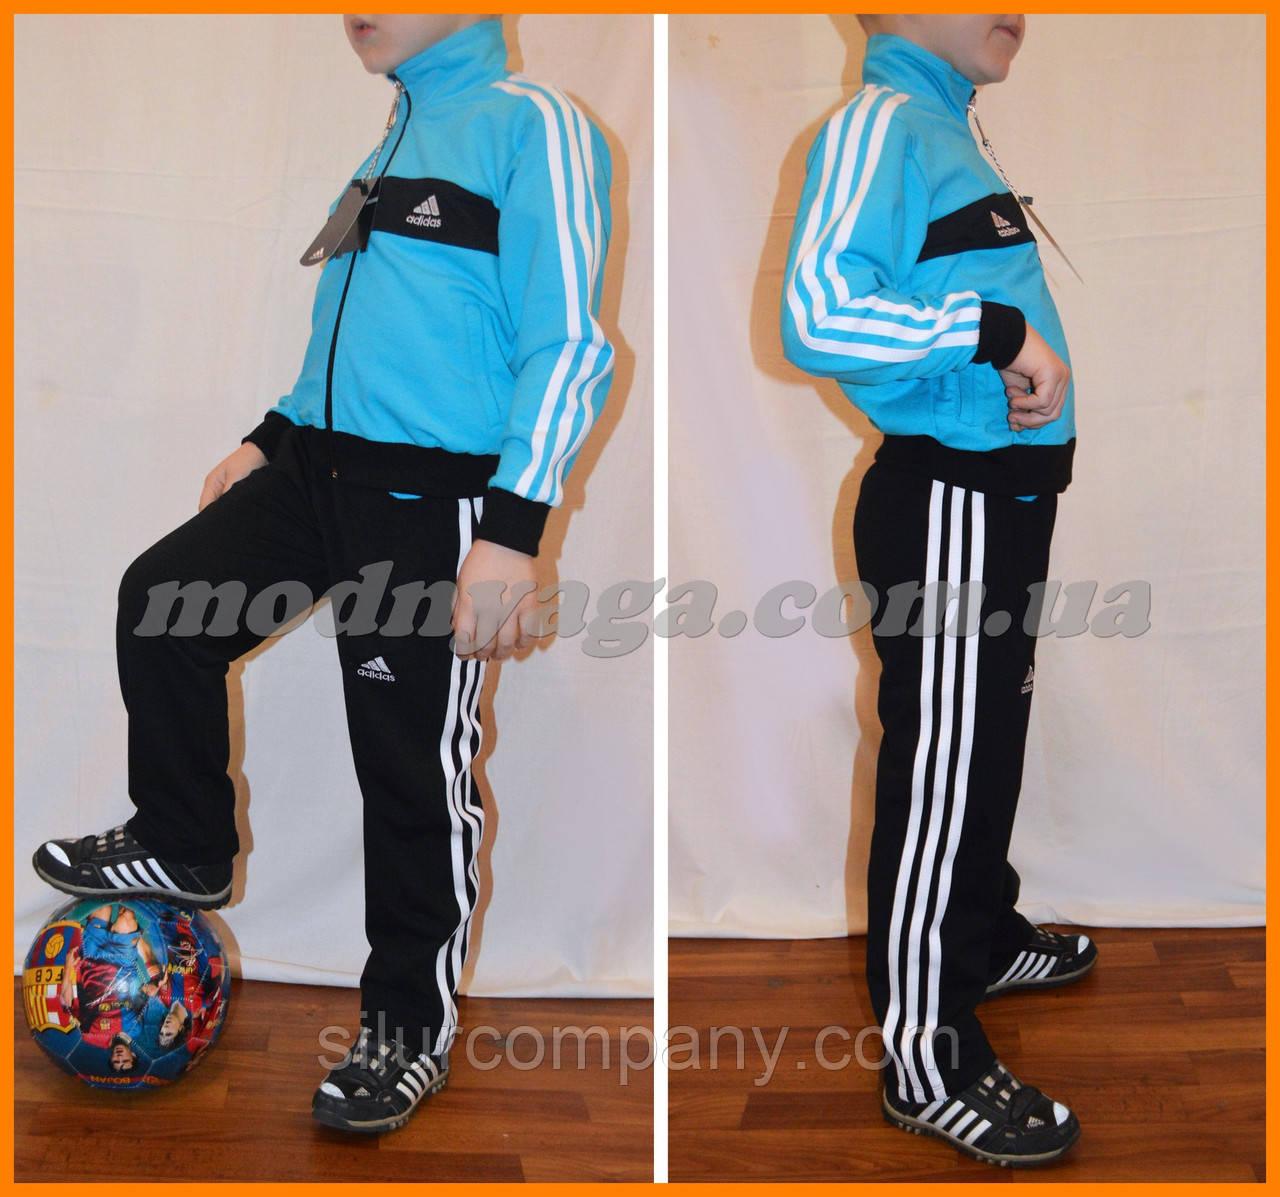 Теплые детские спортивные костюмы адидас - Интернет магазин